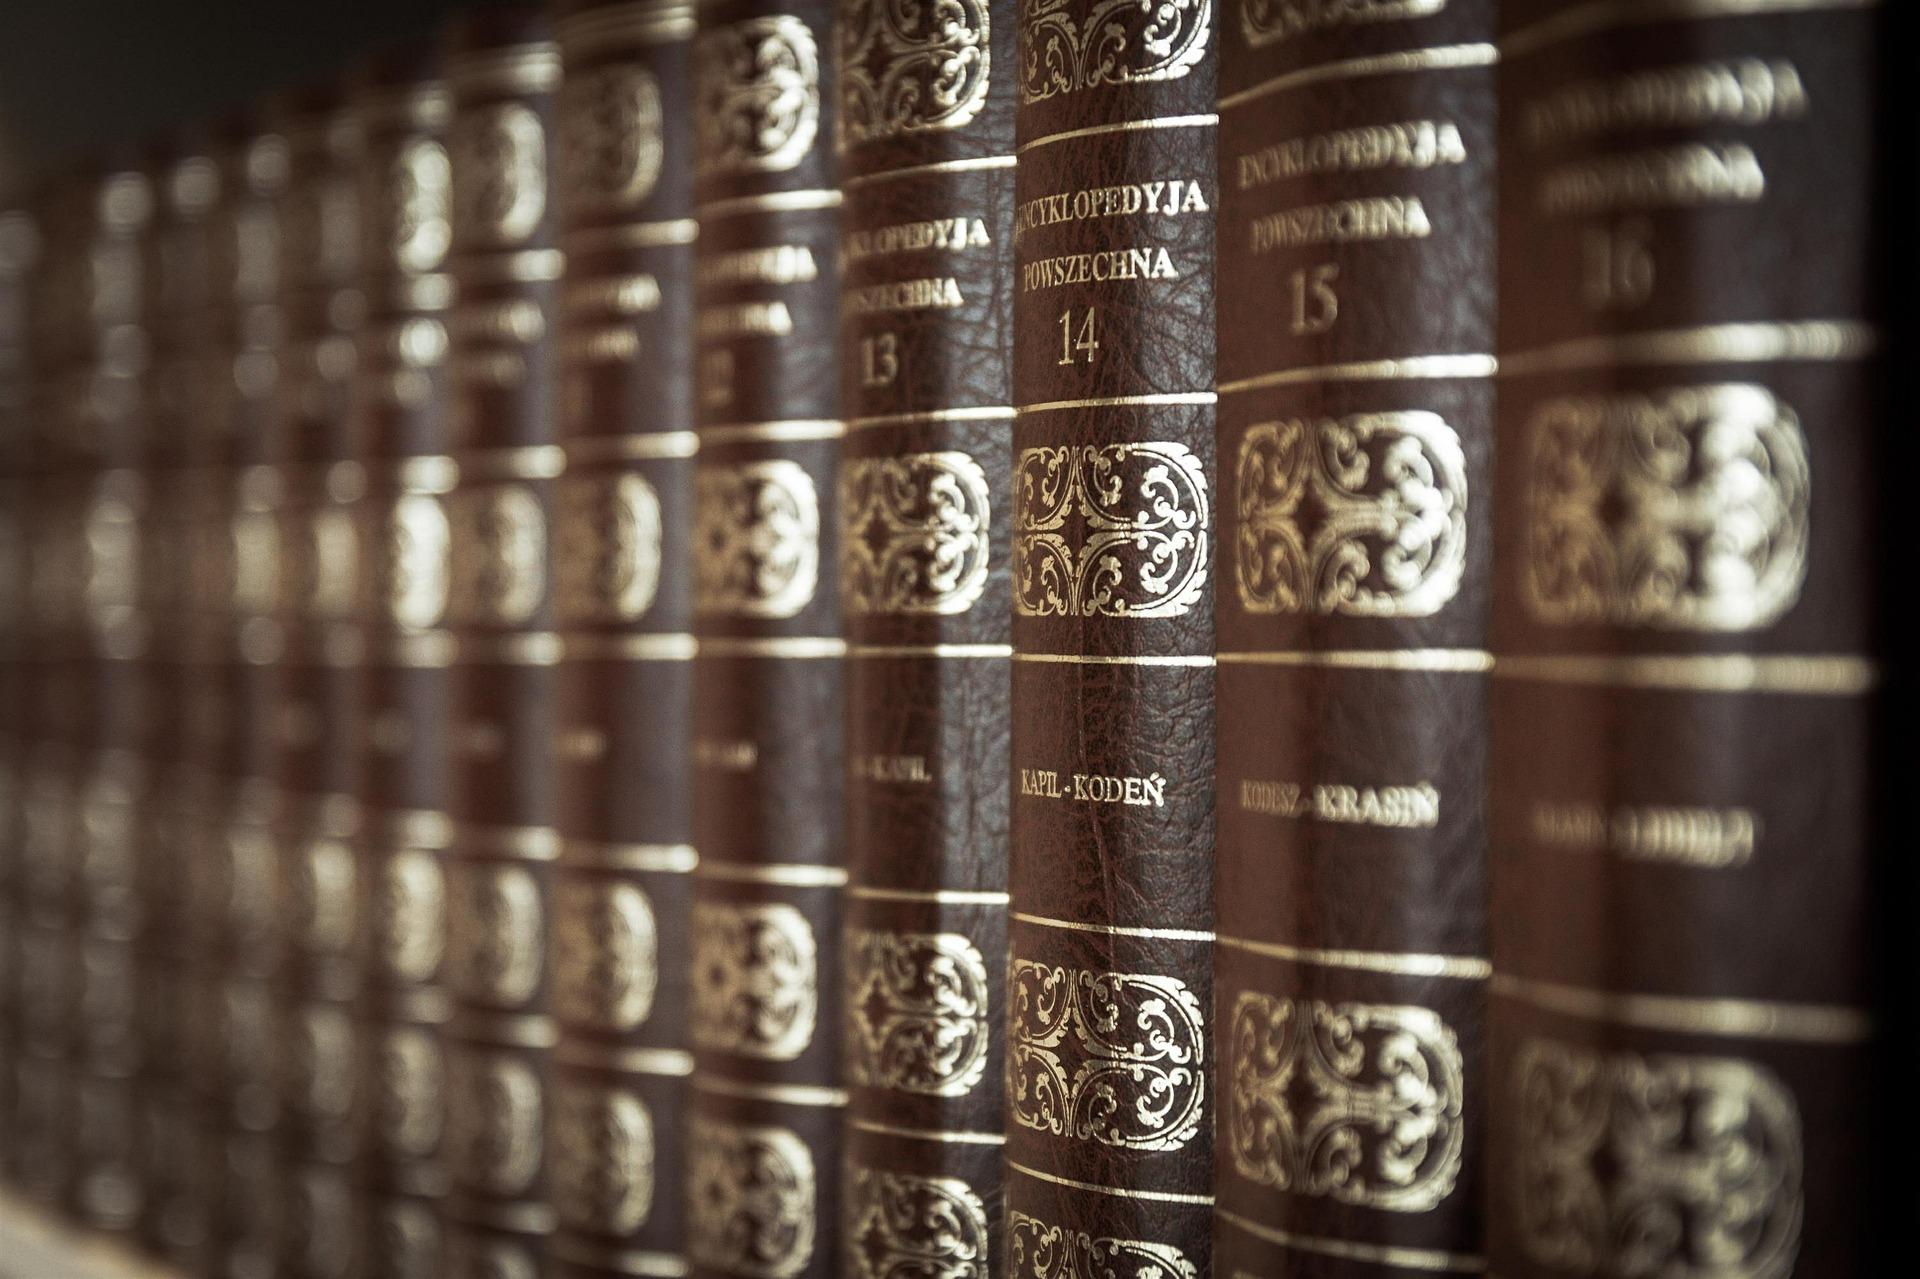 เรื่อง ผลการคัดเลือกผลงานแนววิธีปฏิบัติที่เป็นเลิศด้านการจัดการความรู้ ประจำปี 2560